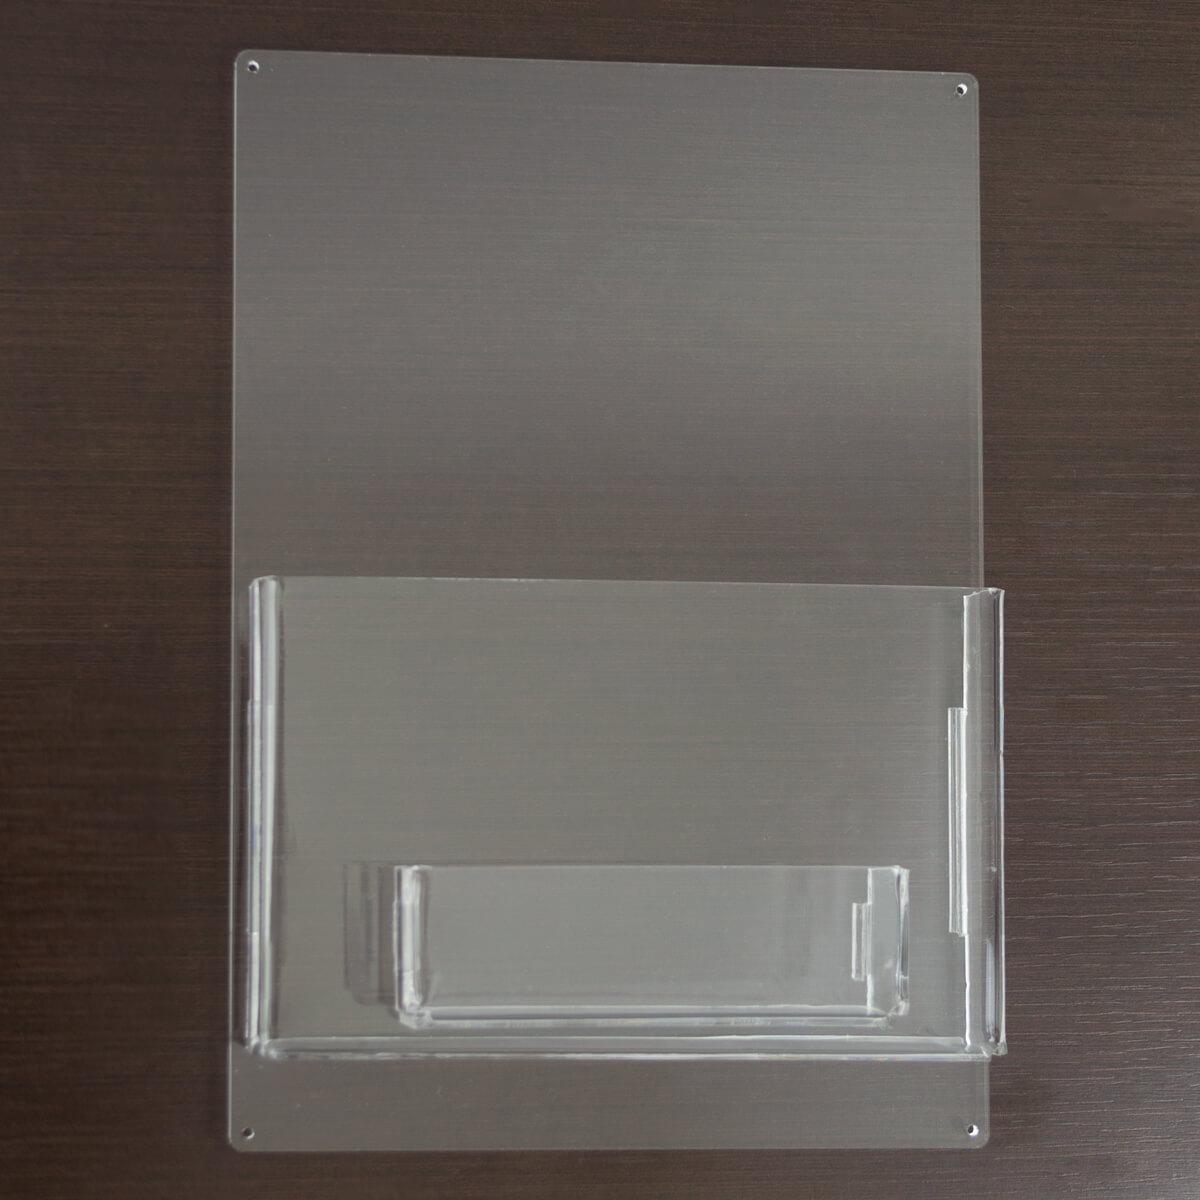 Porta panfletos de acrílico no tamanho a5 com porta cartão